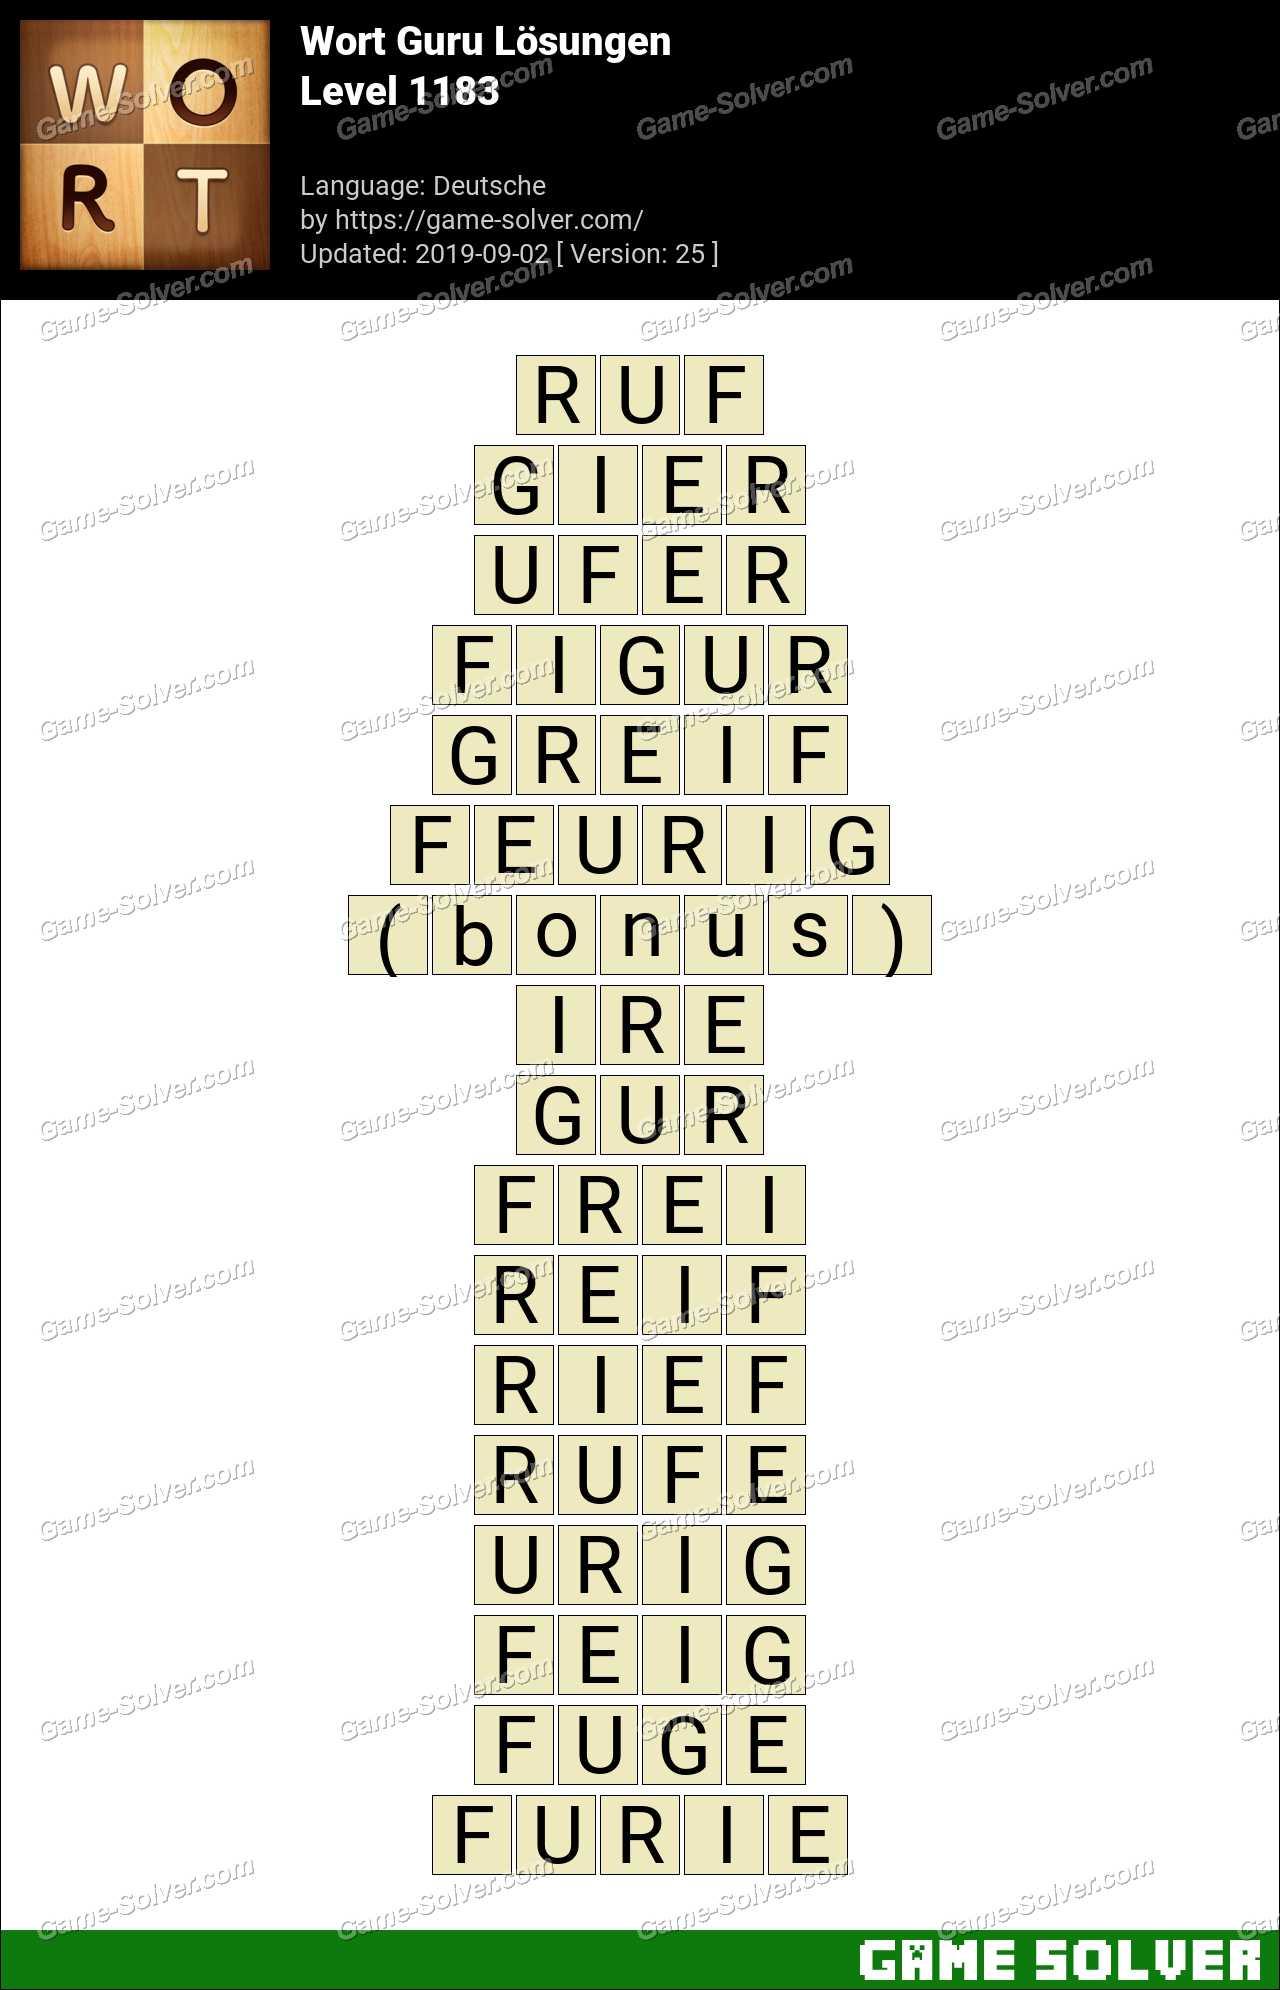 Wort Guru Level 1183 Lösungen